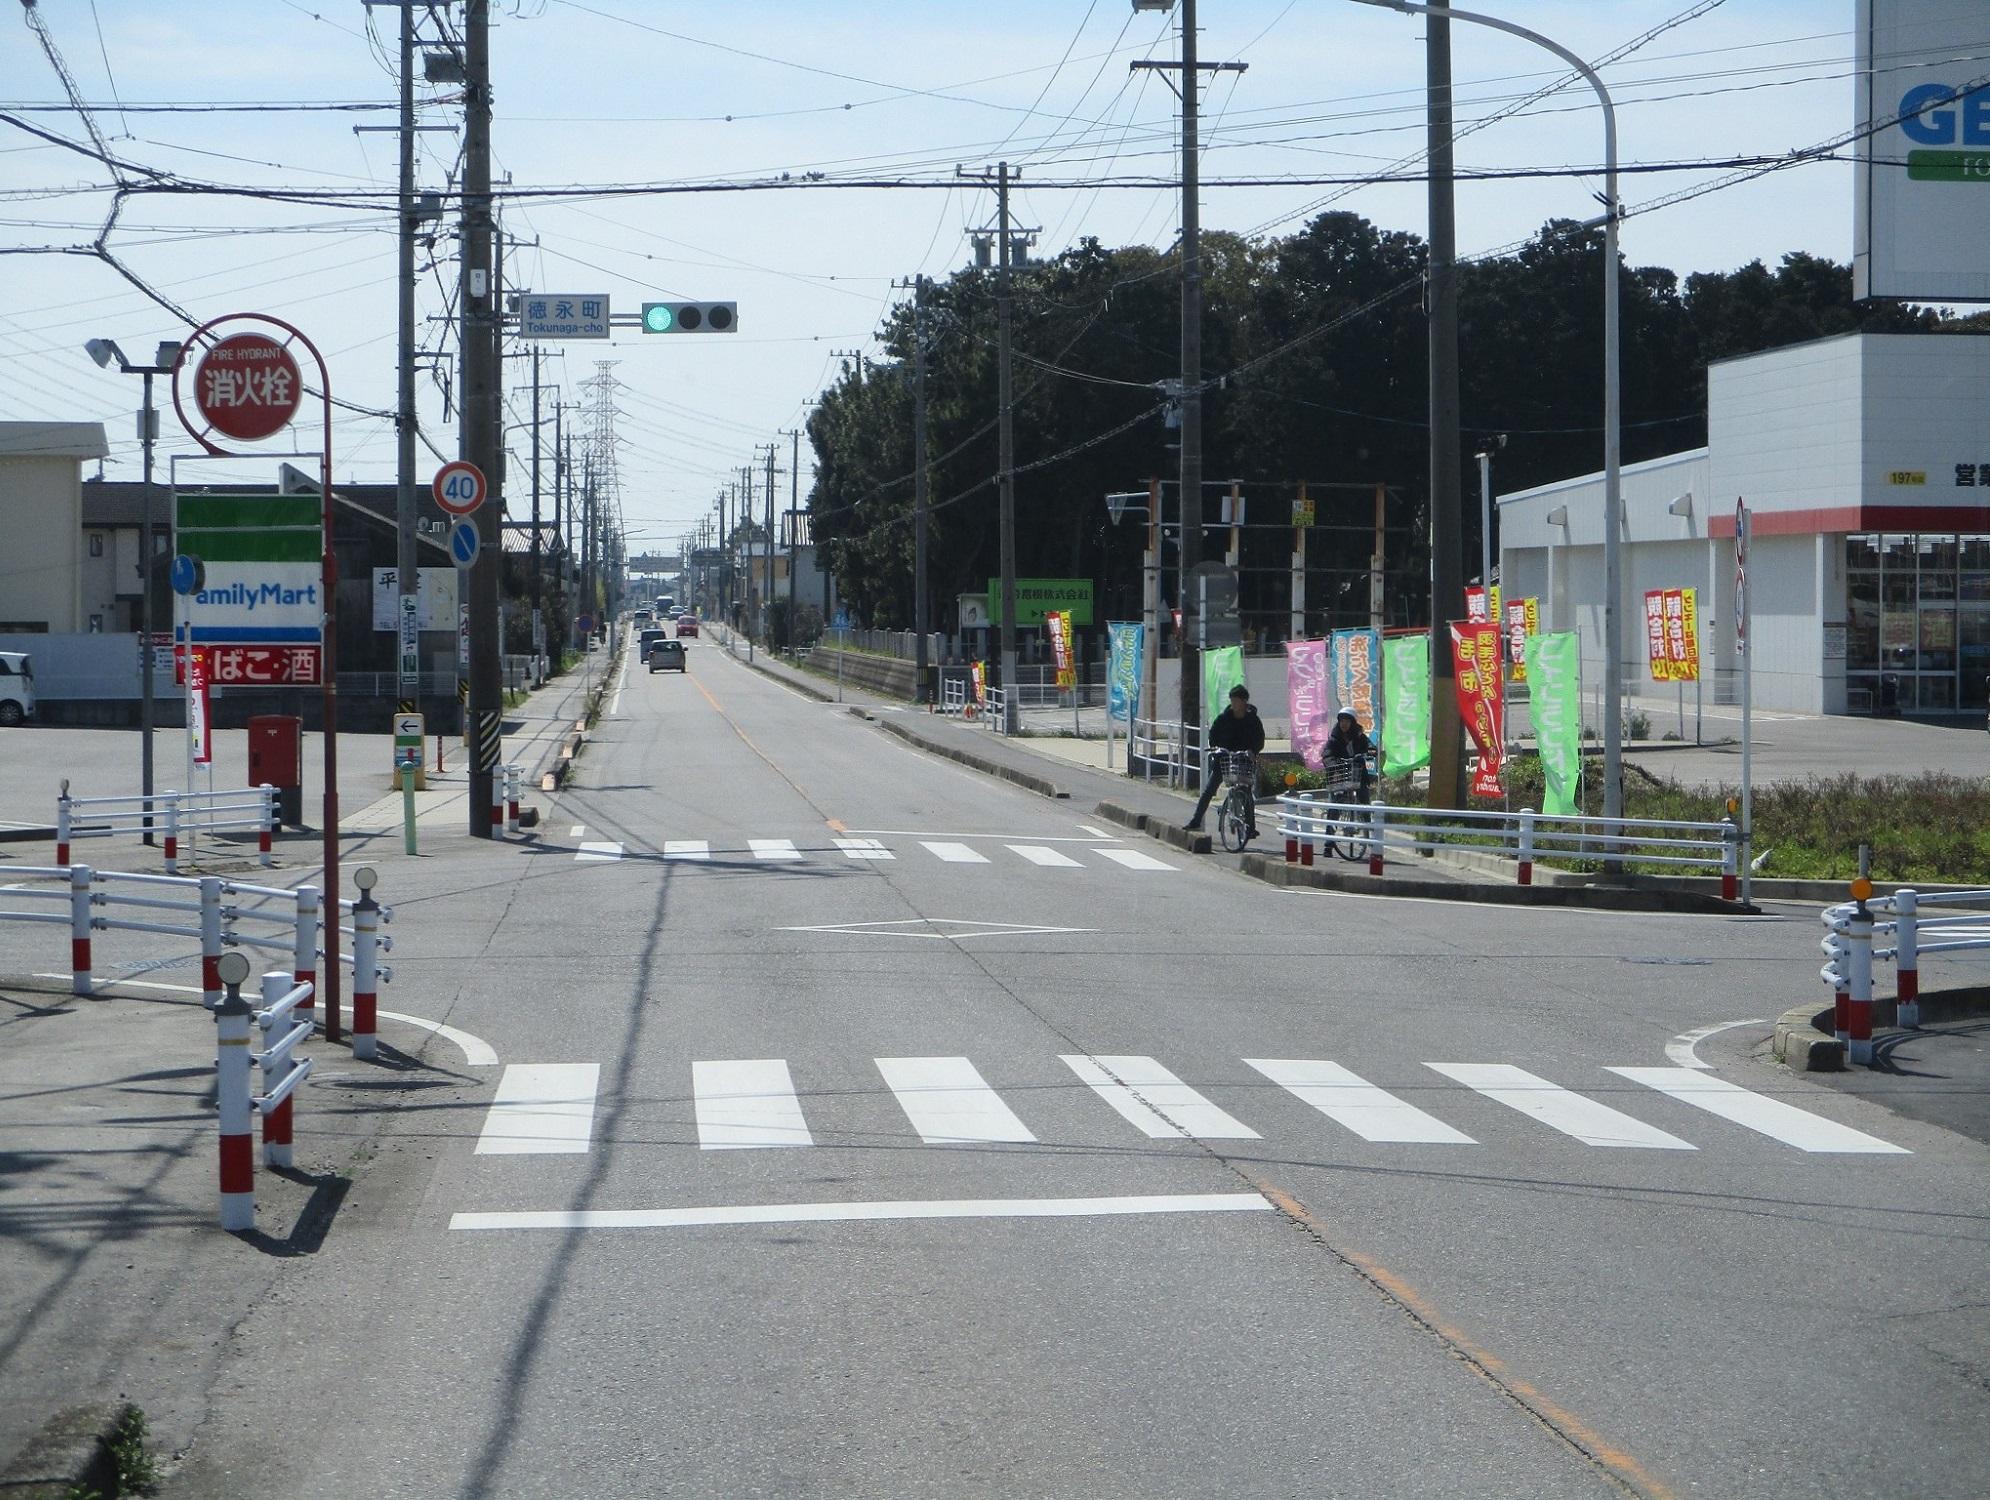 2020.3.13 (45) 寺津・刈宿循環バス - 徳永町交差点 1990-1500